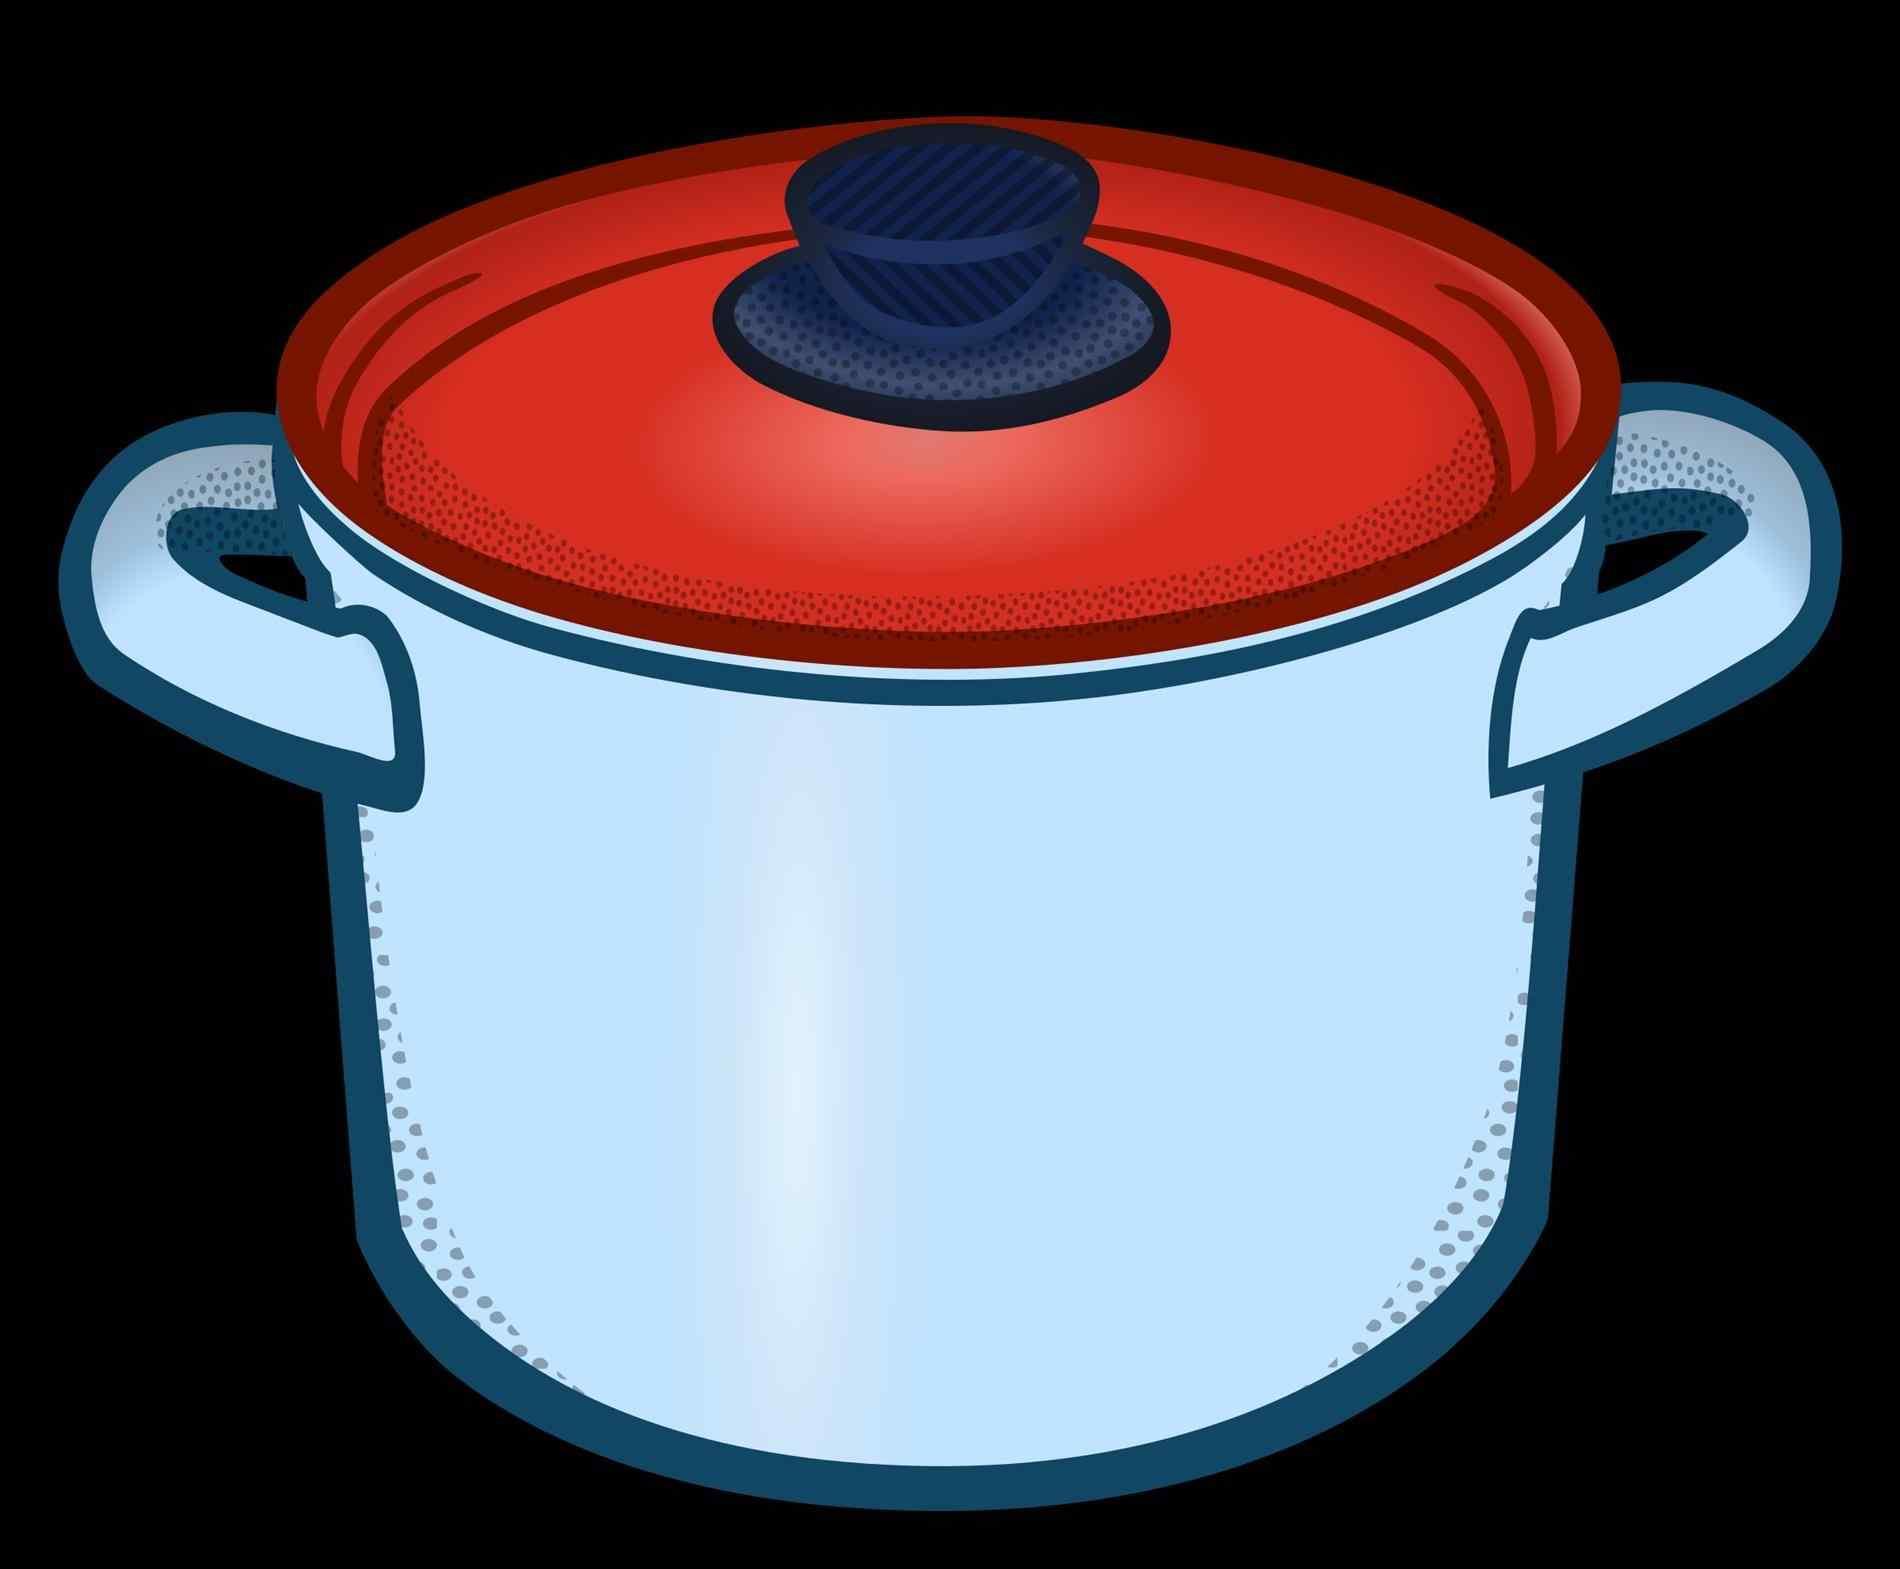 1900x1569 Cookware Clipart